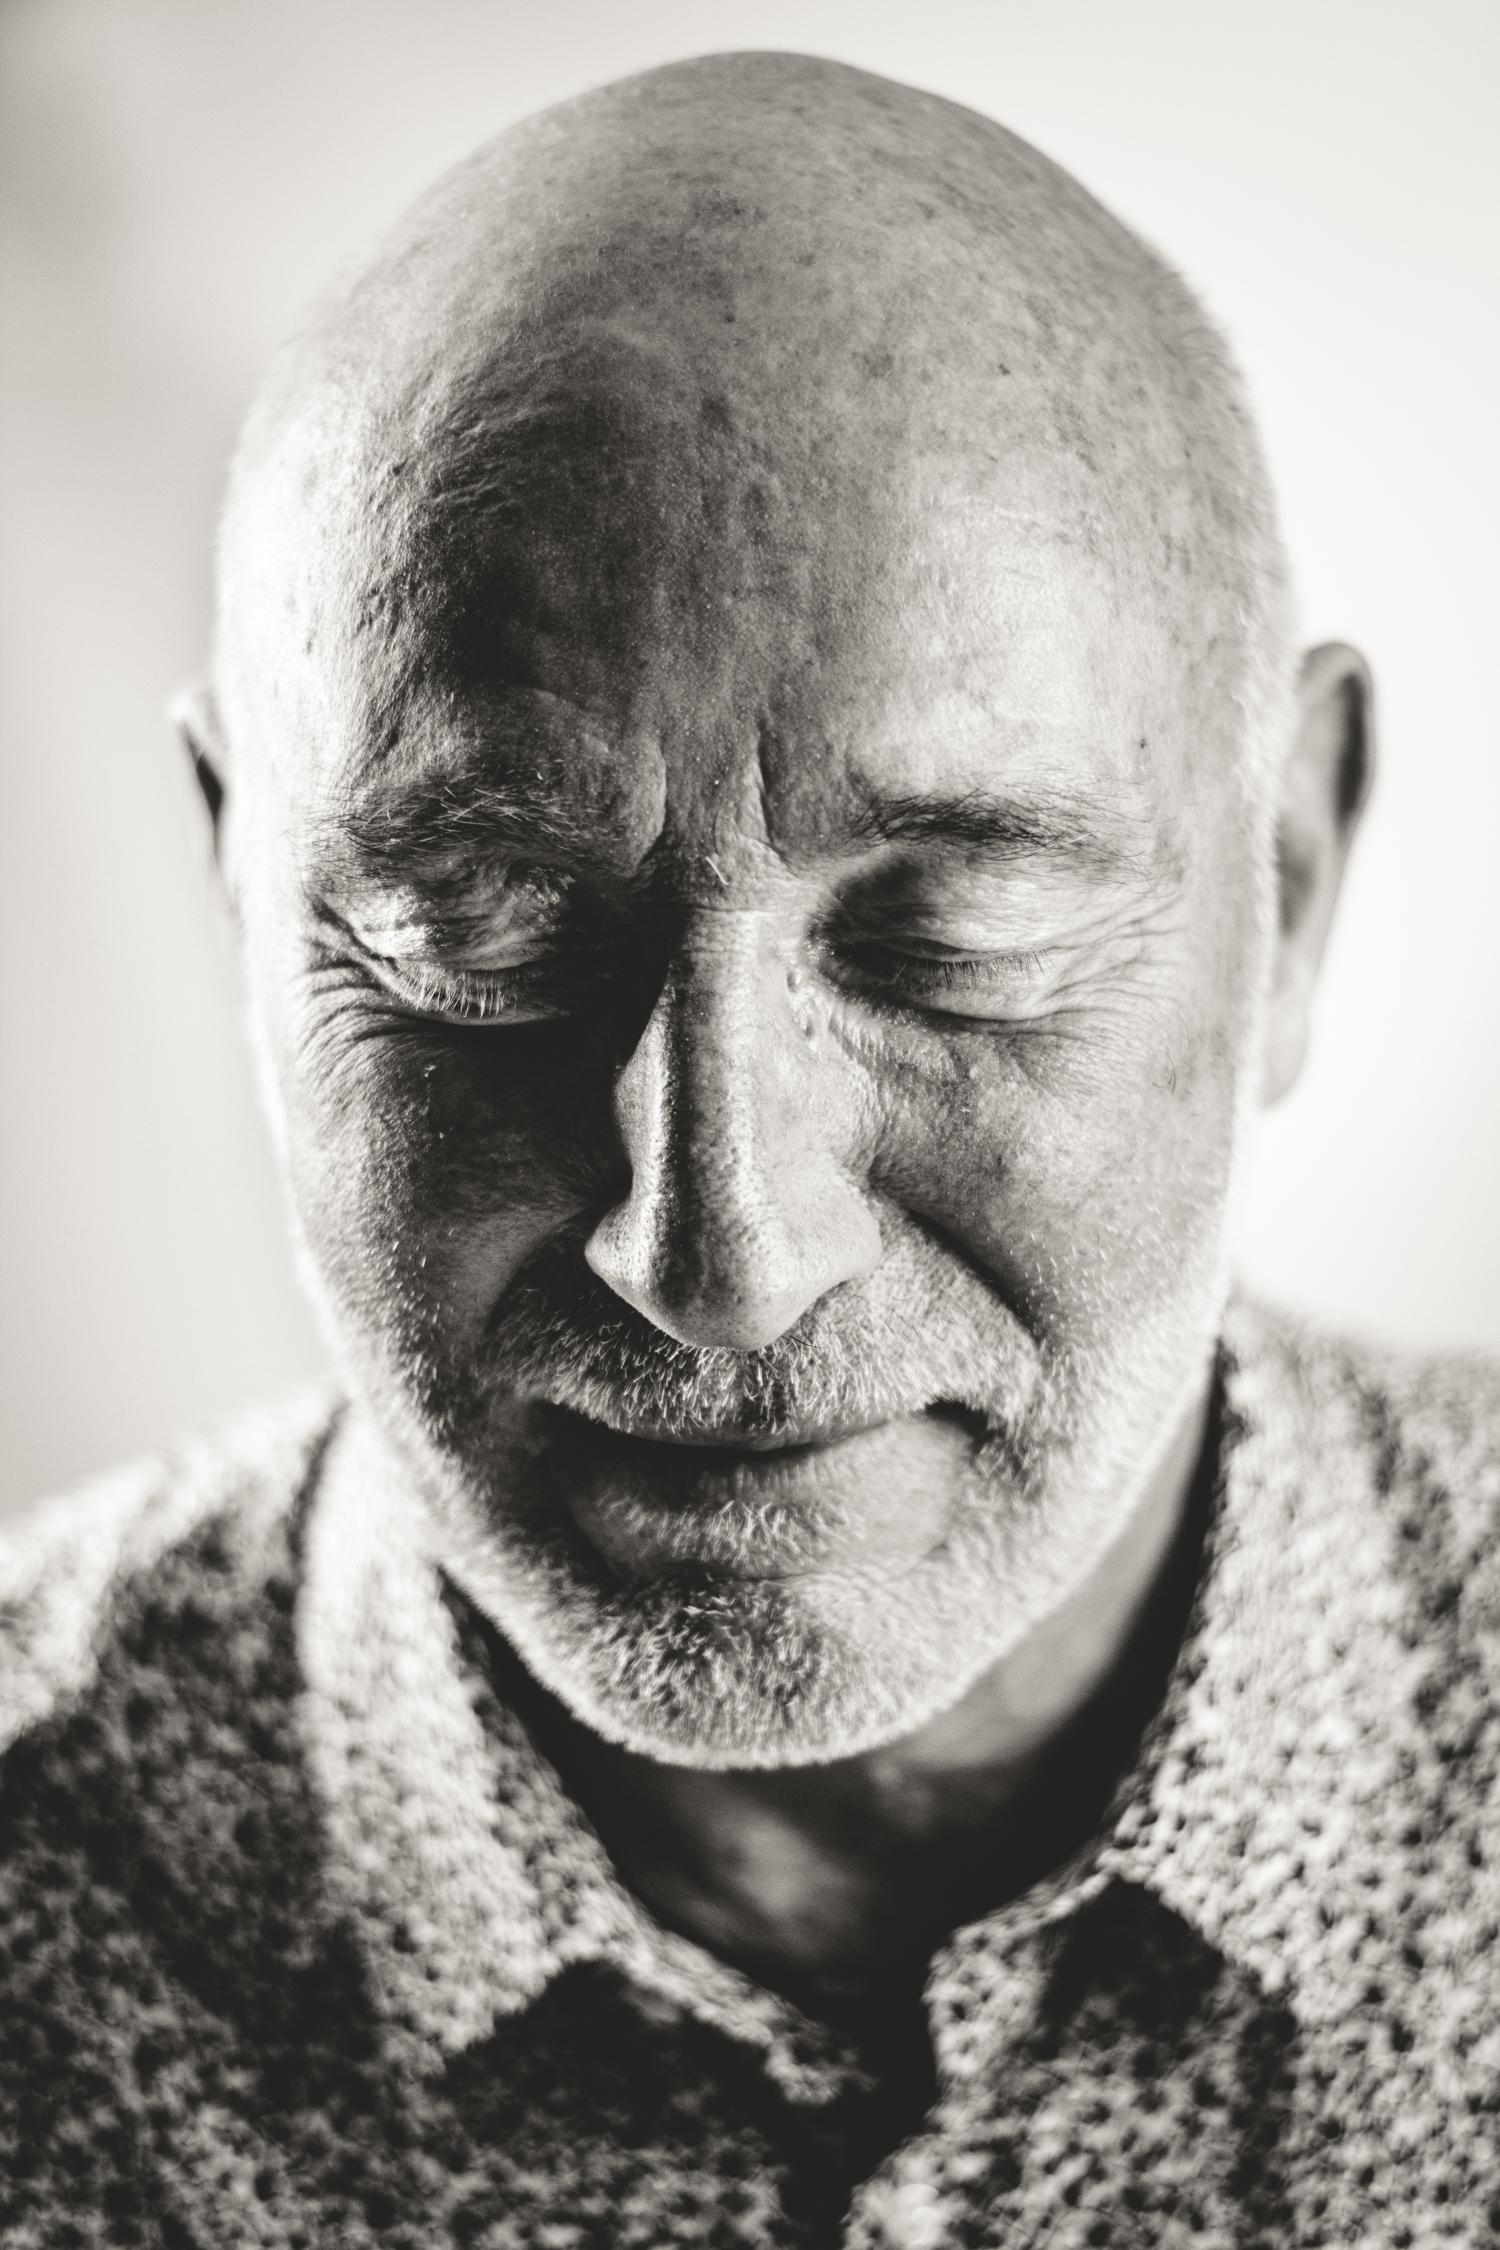 strickmann-portrait-09.jpg